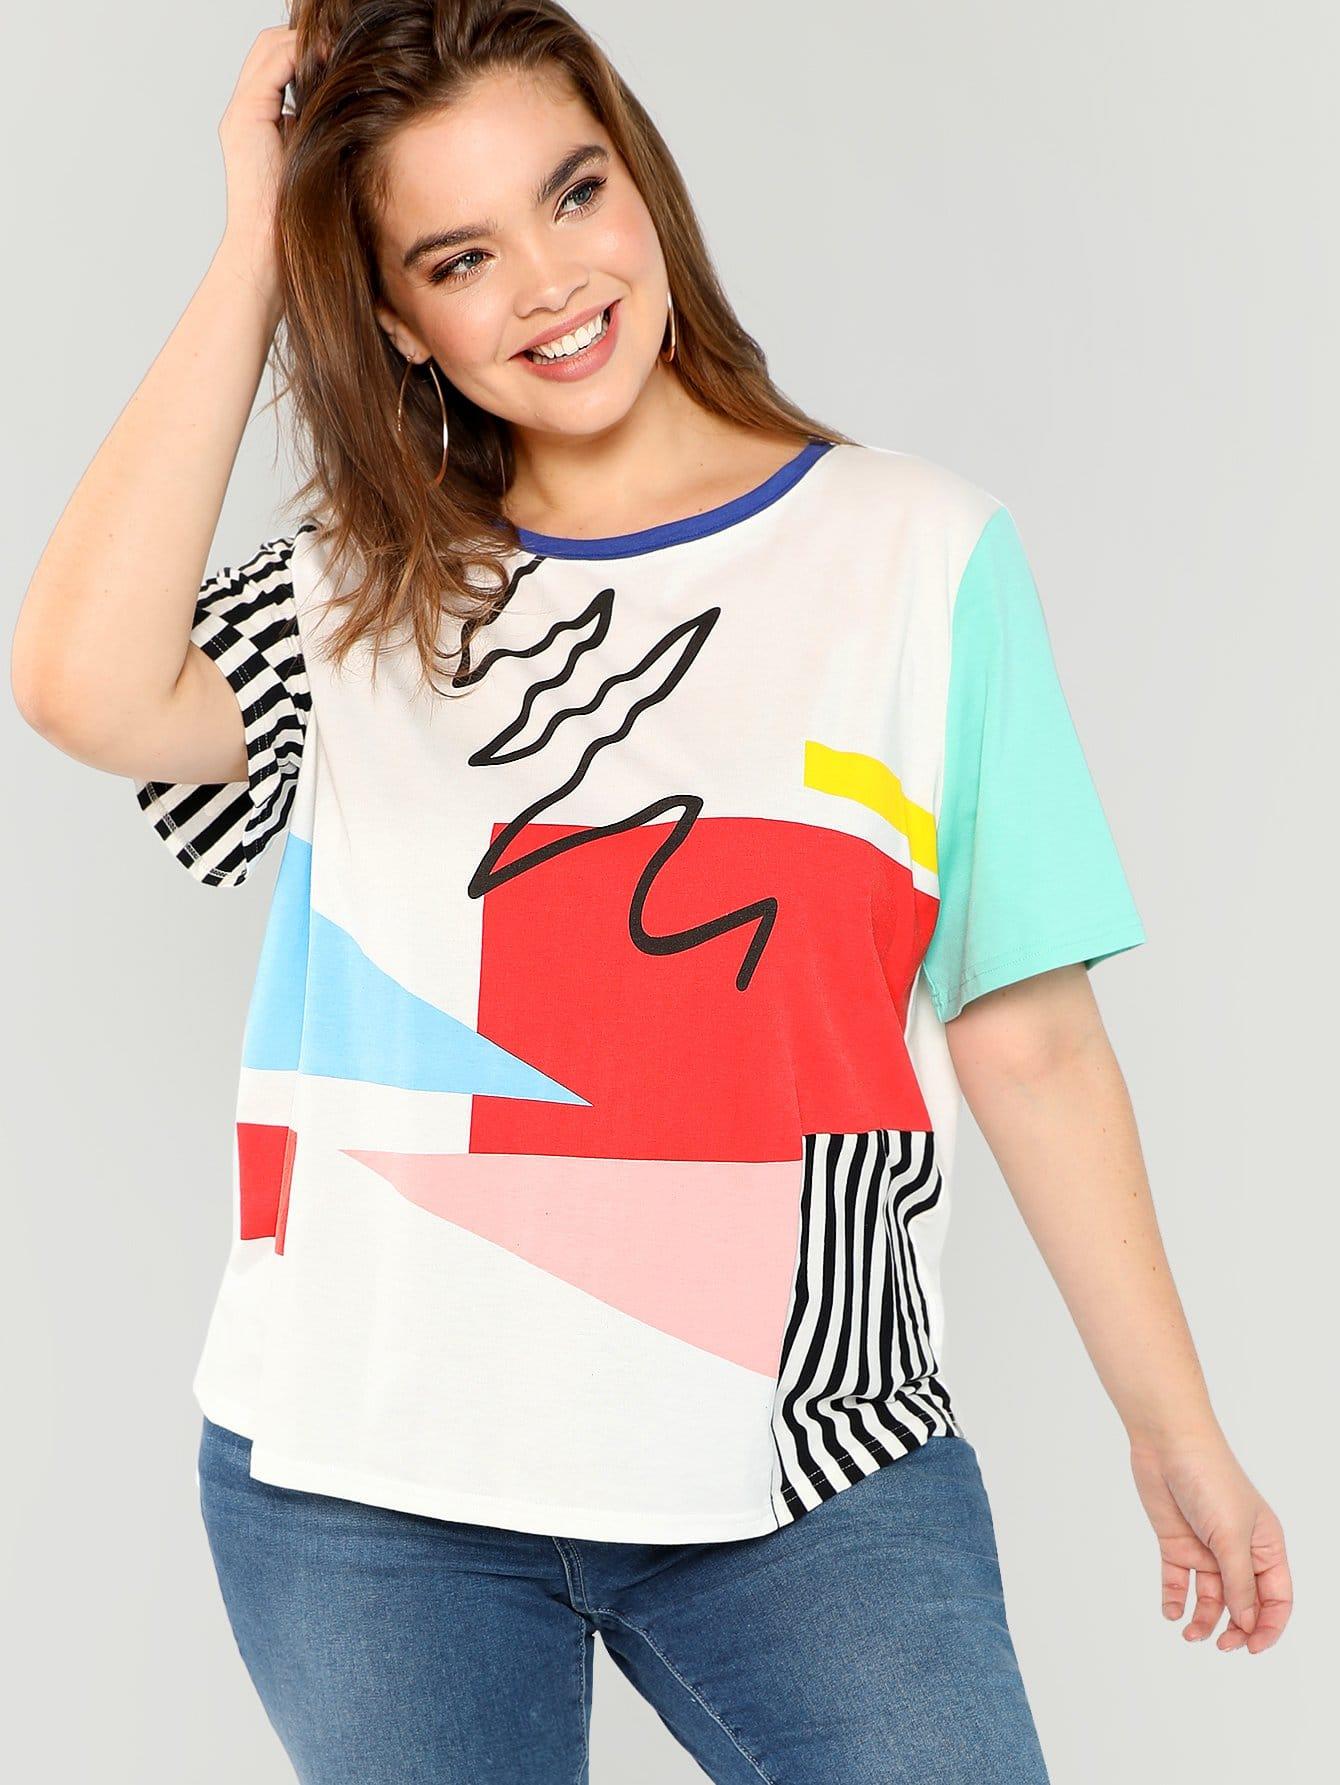 Купить Плюс размеры контрастная футболка, Faith Bowman, SheIn